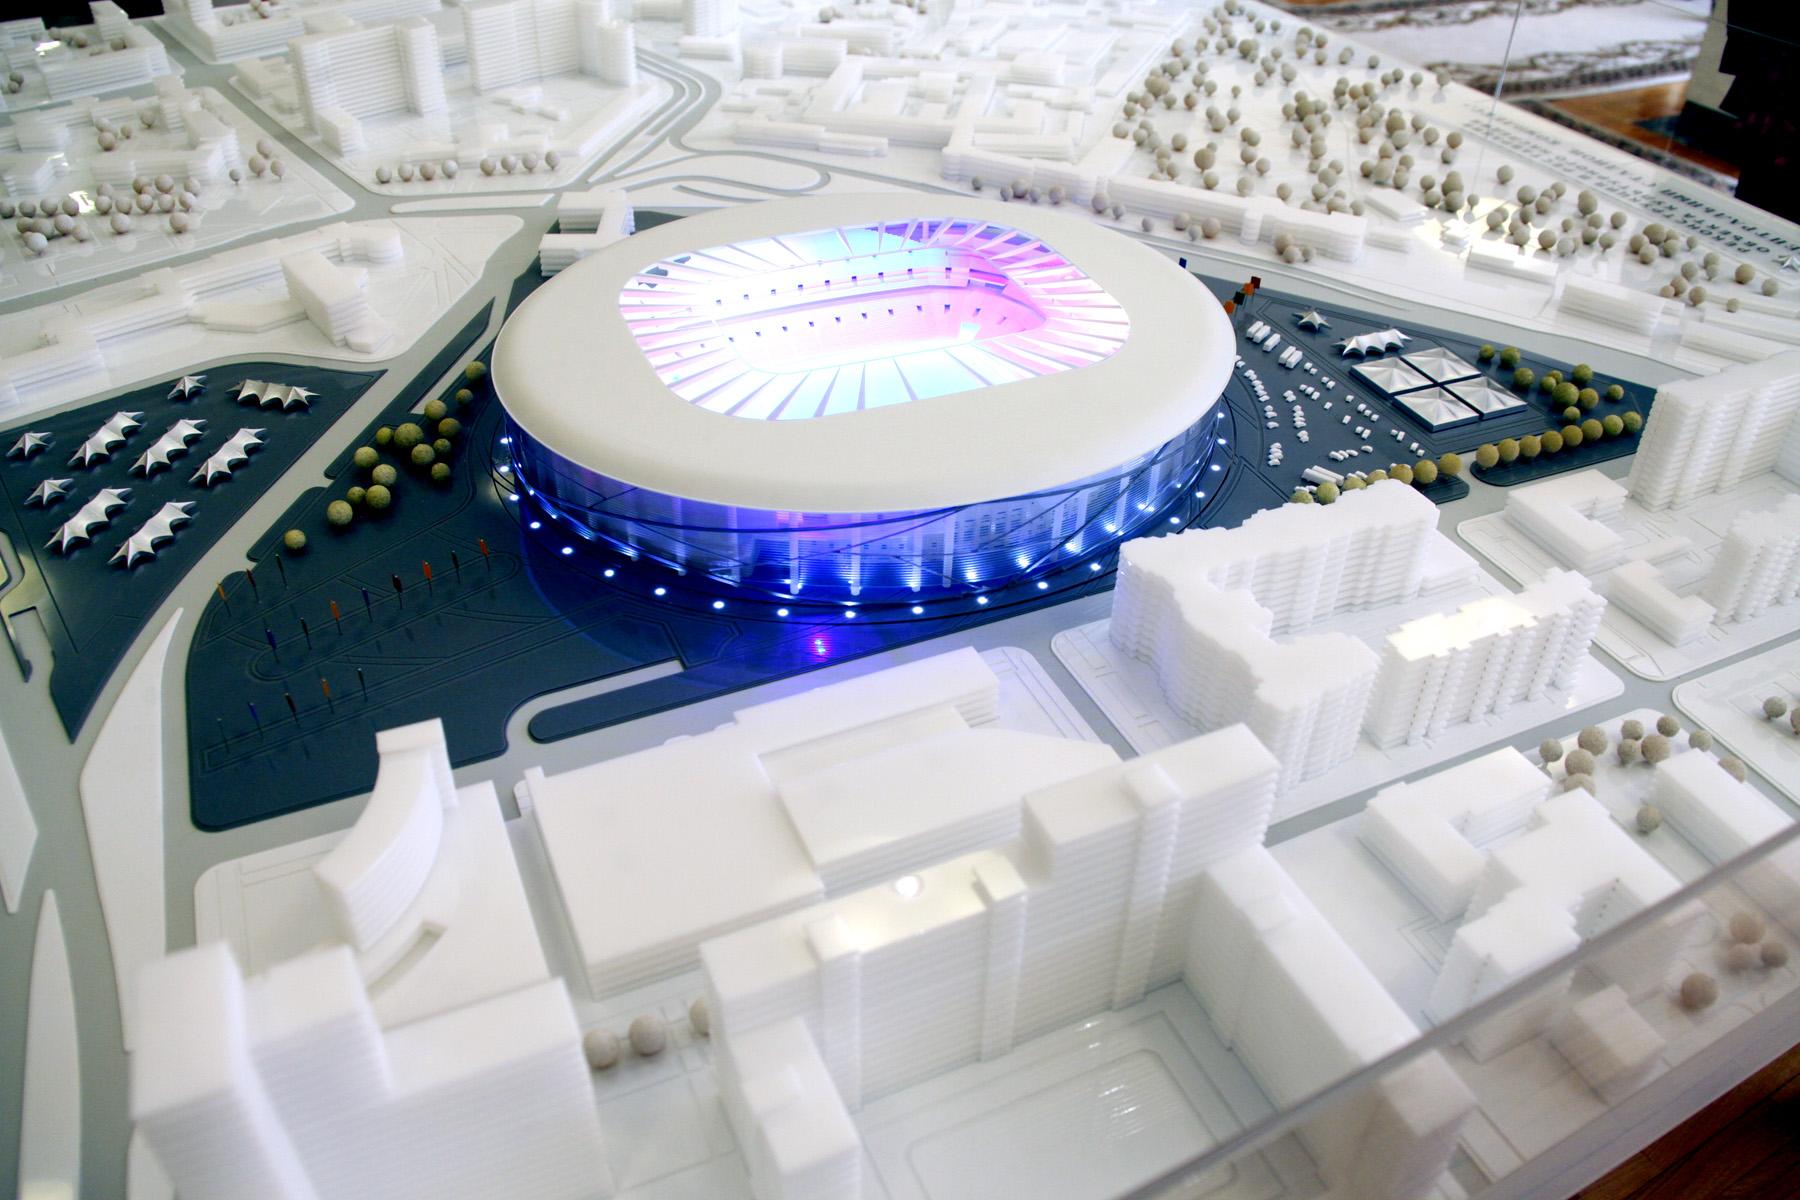 Finita la comedia: реконструкция Центрального стадиона невозможна